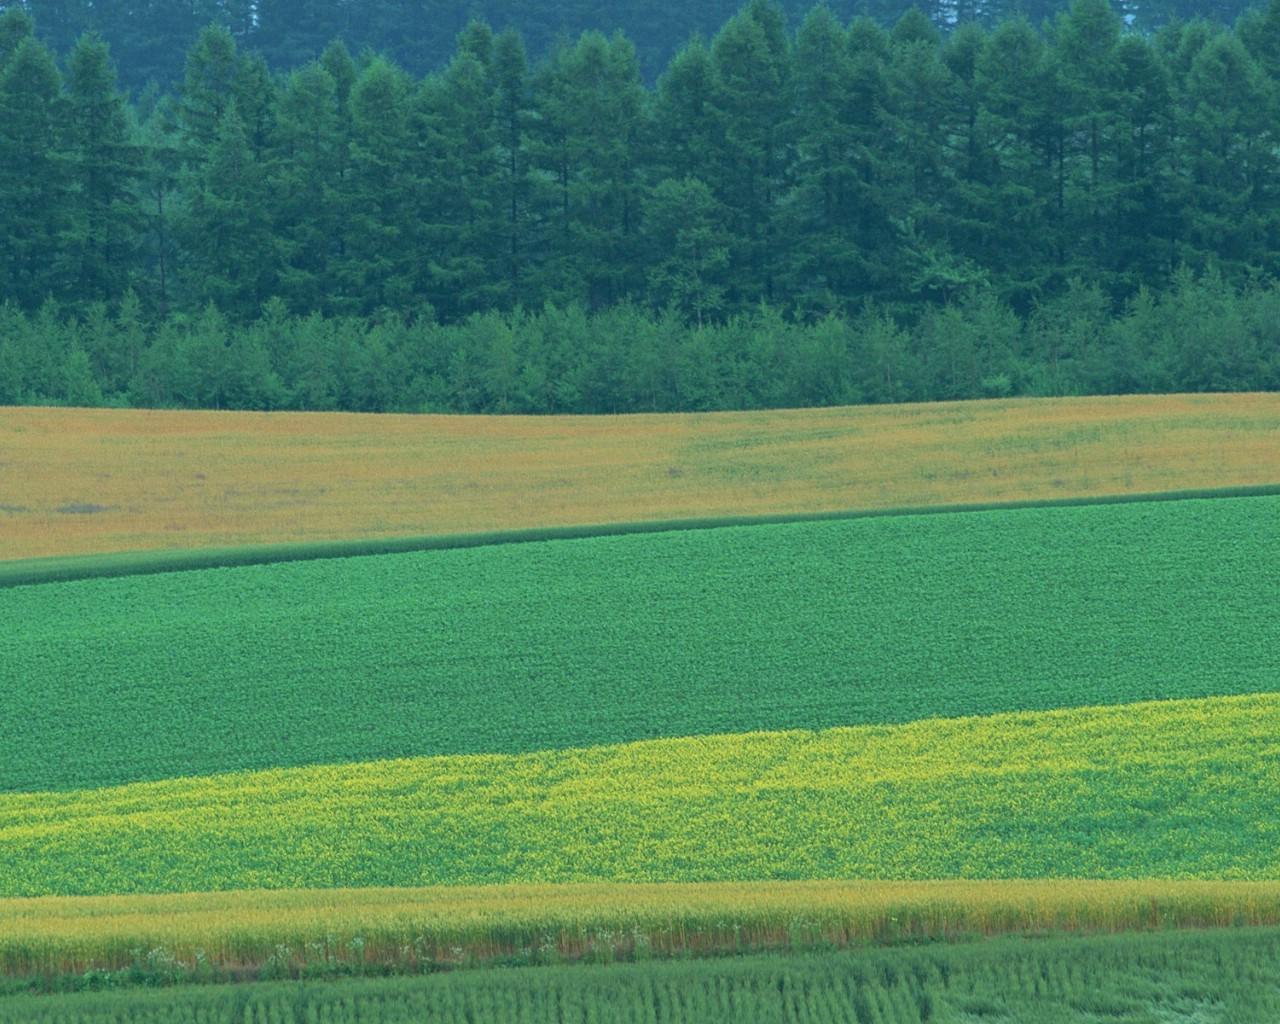 美国乡村农场壁纸